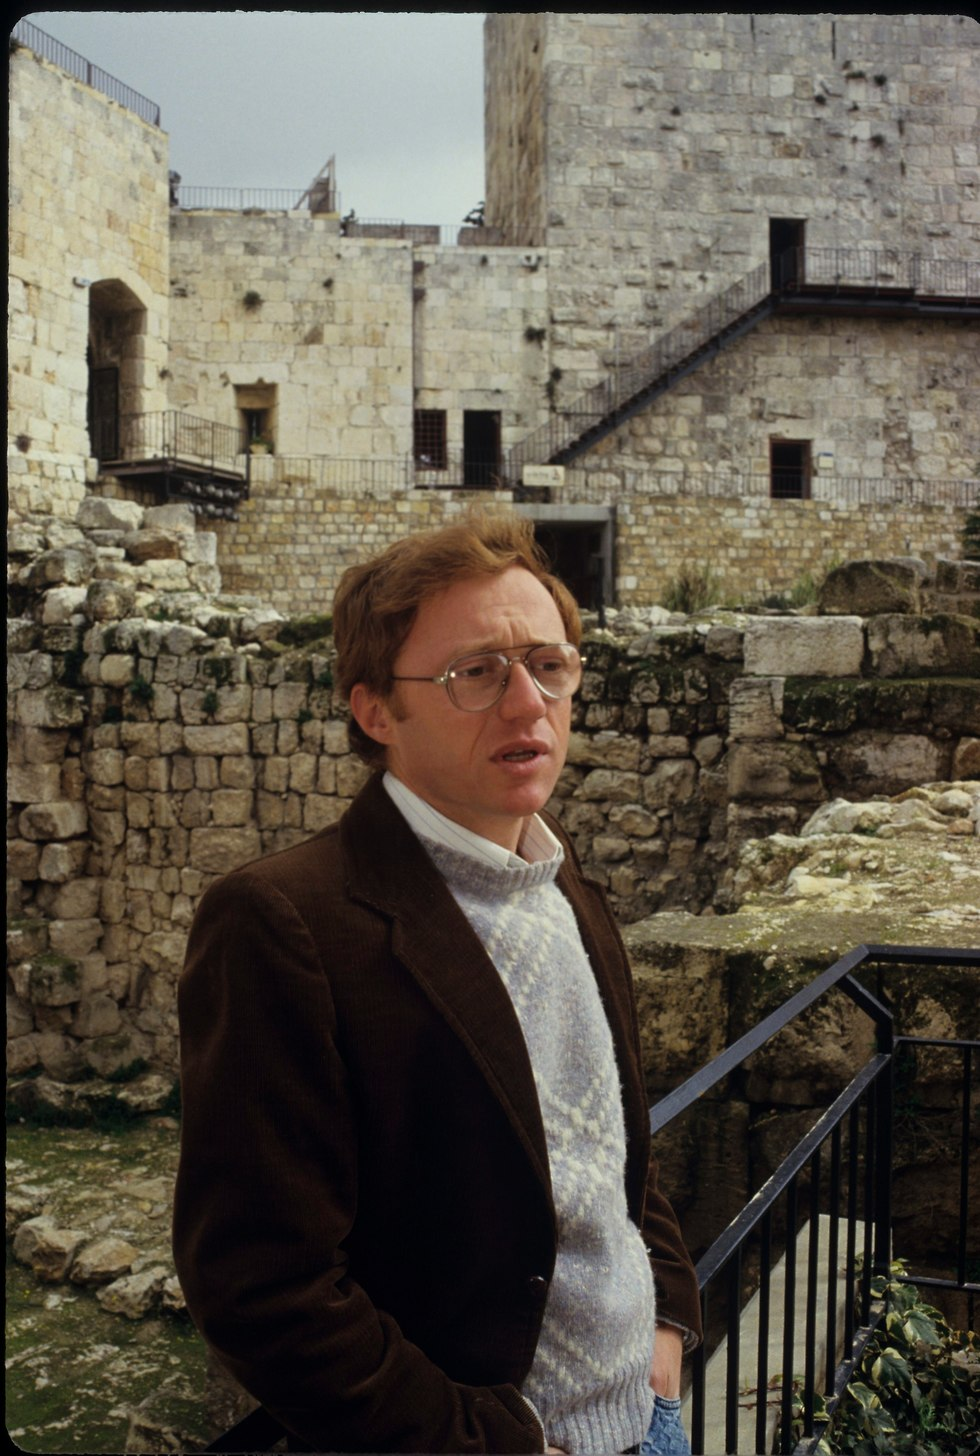 דויד גרוסמן בעיר דוד בירושלים, 1988 (צילום: דוד רובינגר)